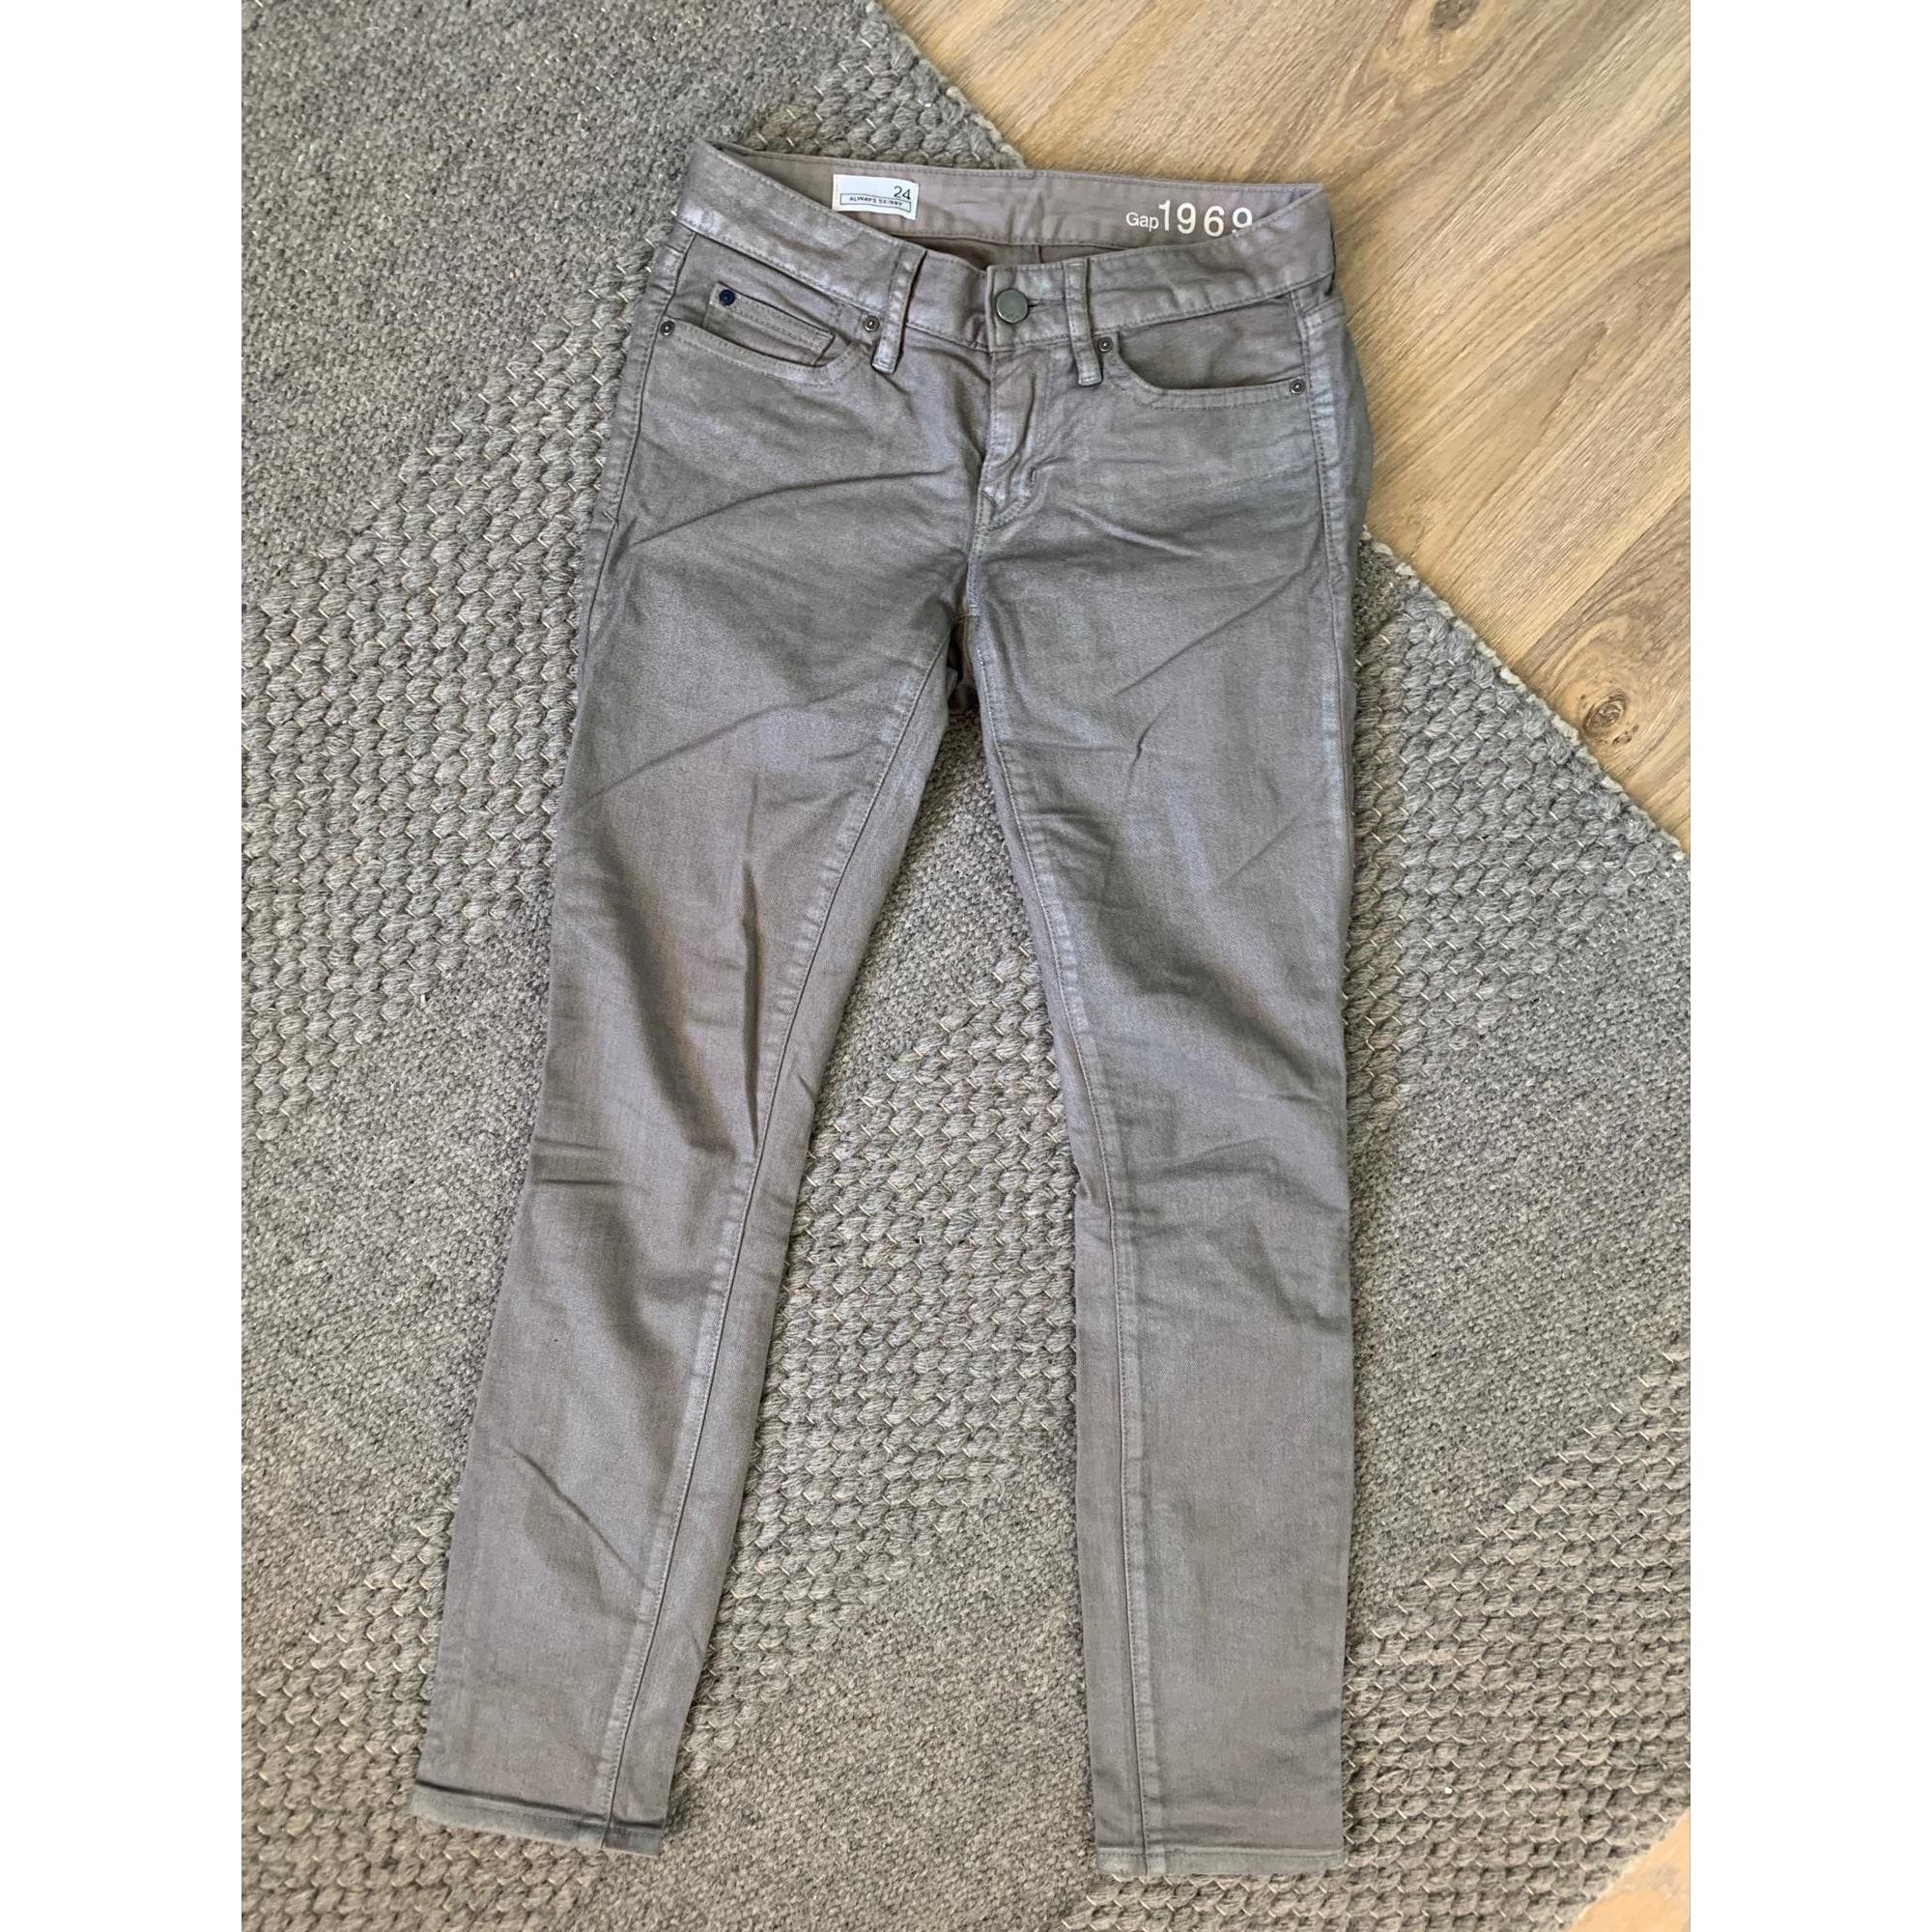 Jeans slim GAP Argenté, acier